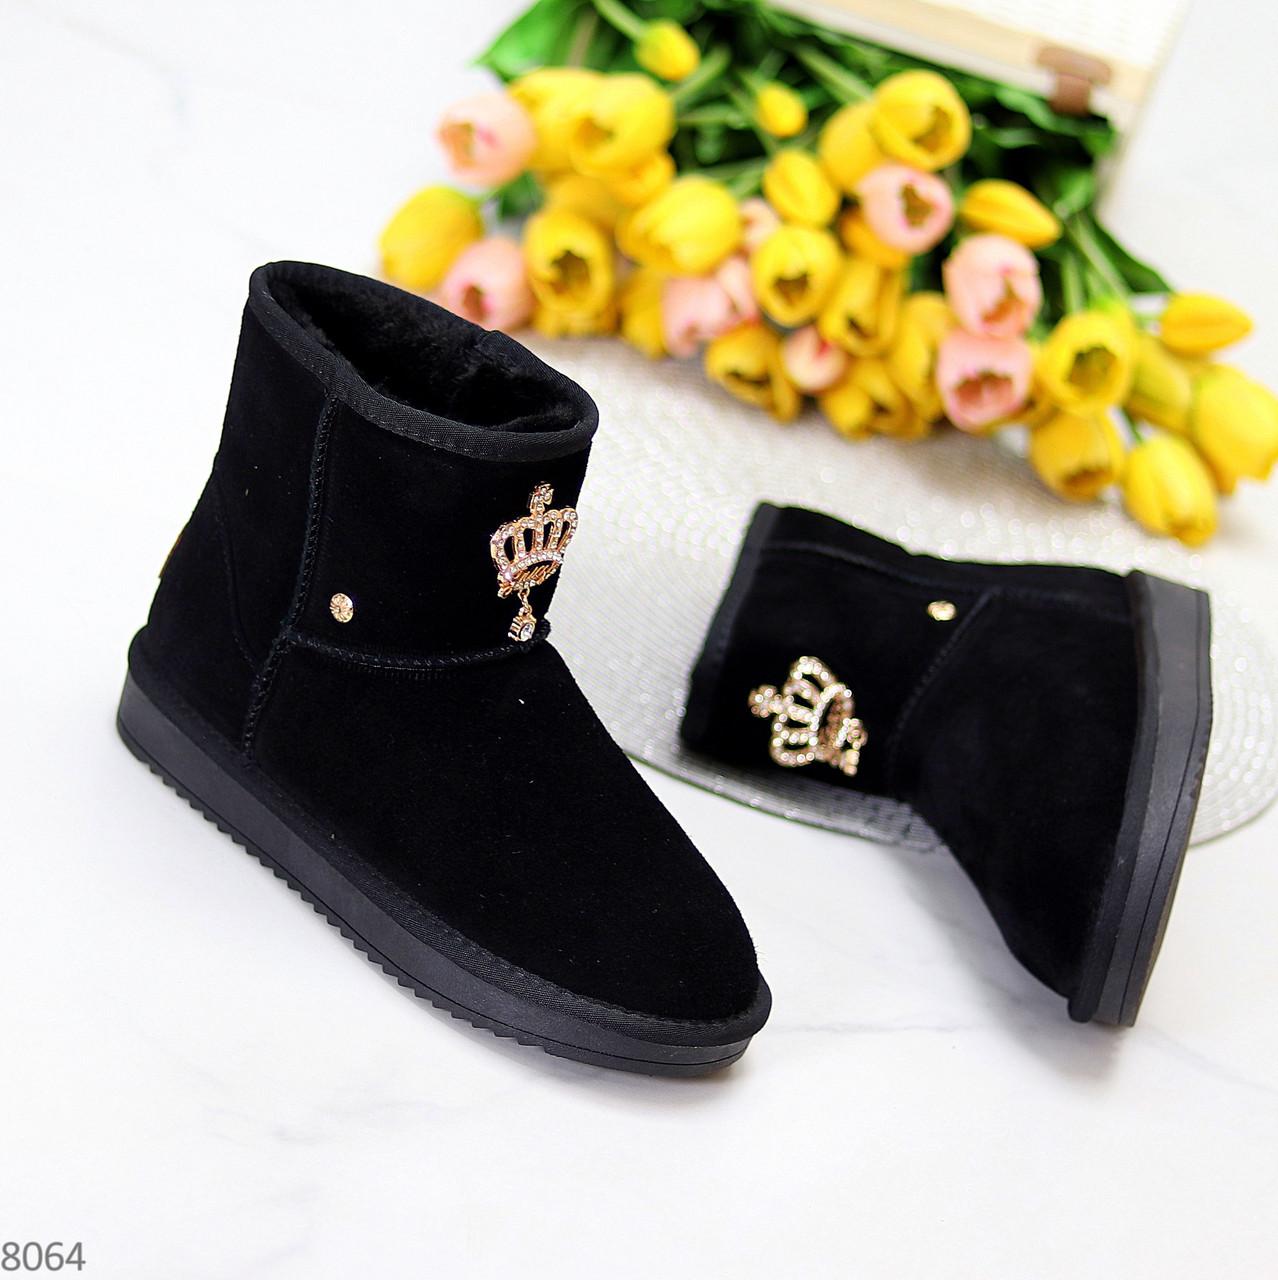 Модельные черные женские замшевые угги натуральная замша с декором корона